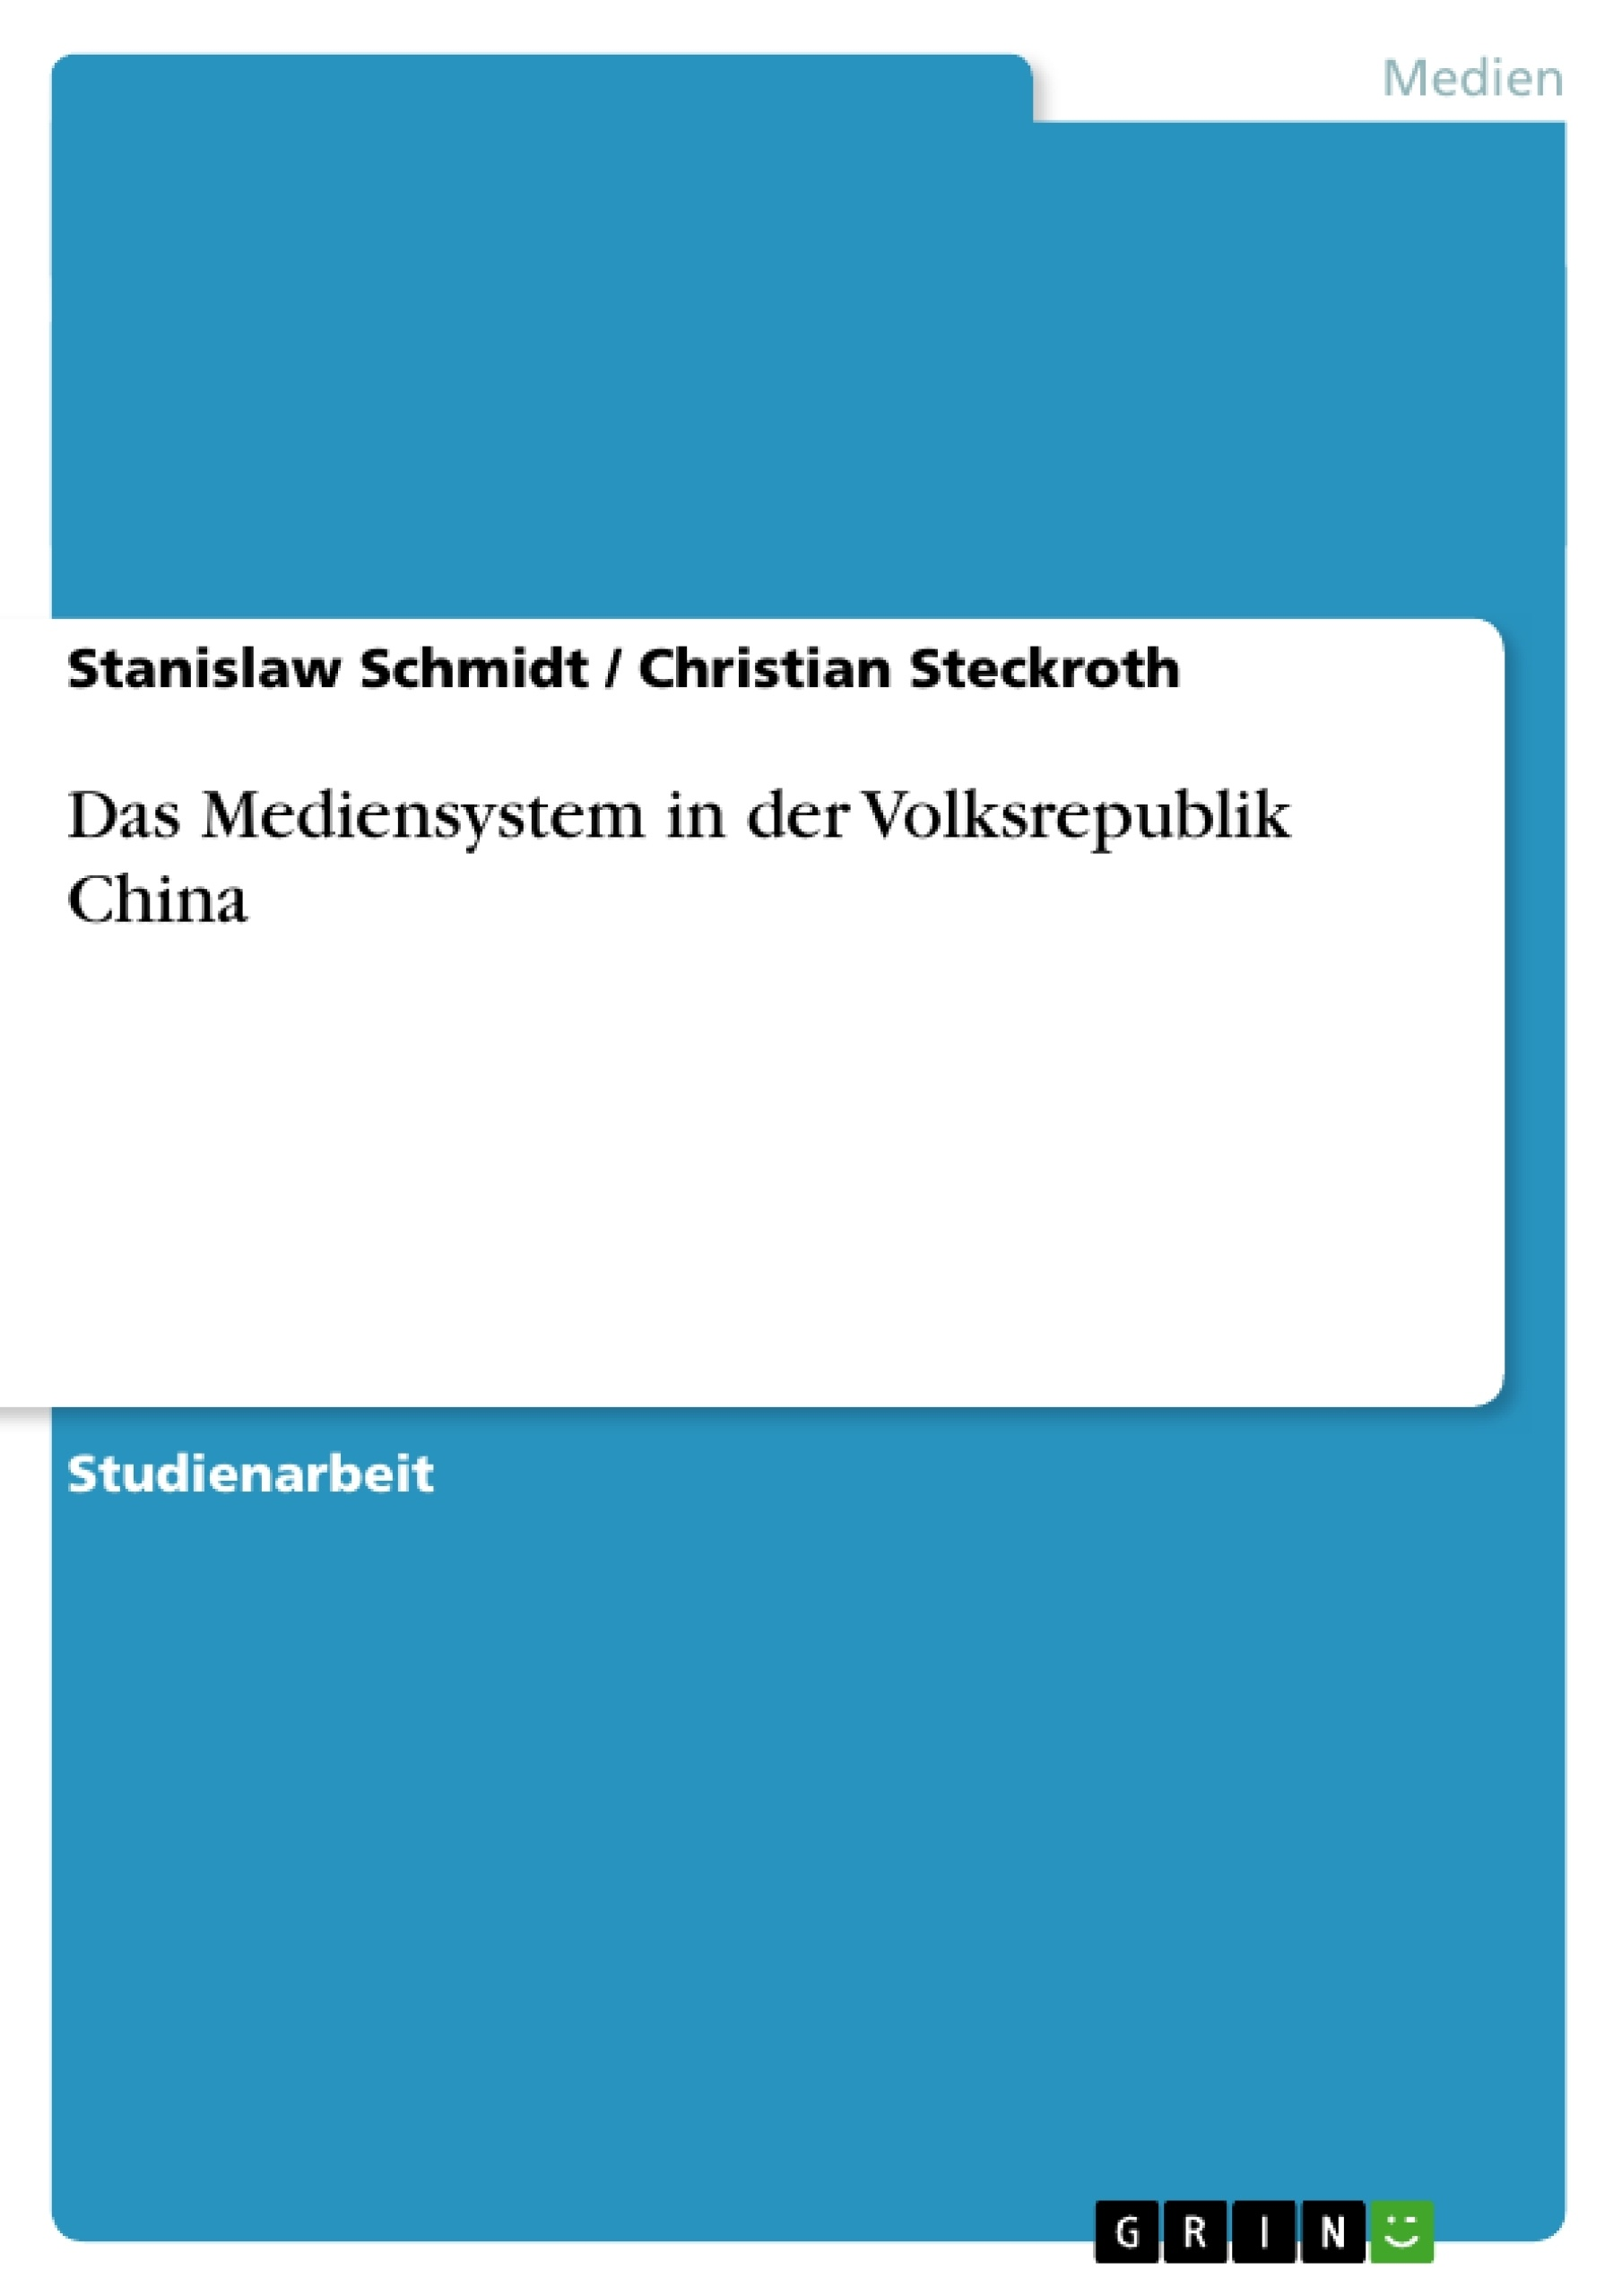 Titel: Das Mediensystem in der Volksrepublik China